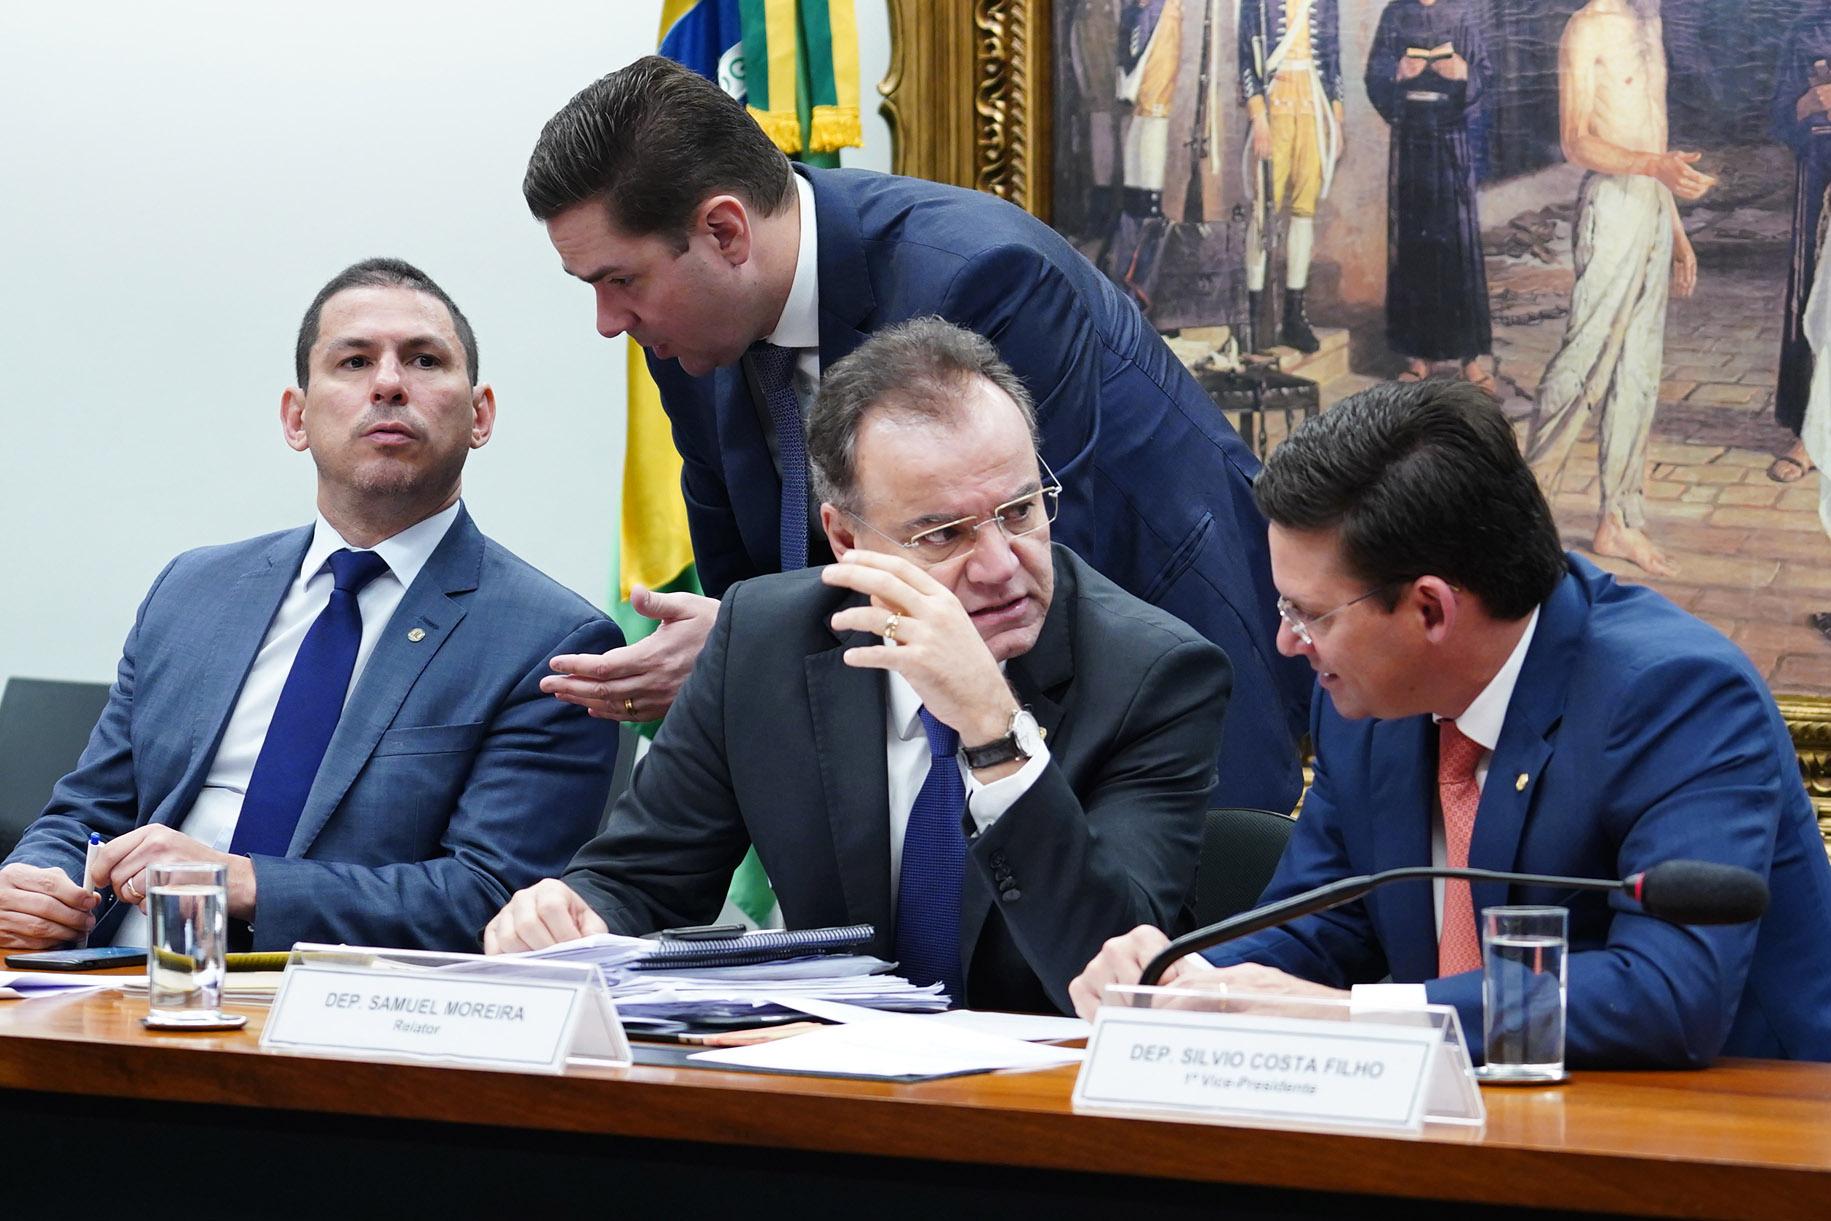 Reunião Ordinária para discussão e votação do parecer do relator, dep. Samuel Moreira (PSDB/SP